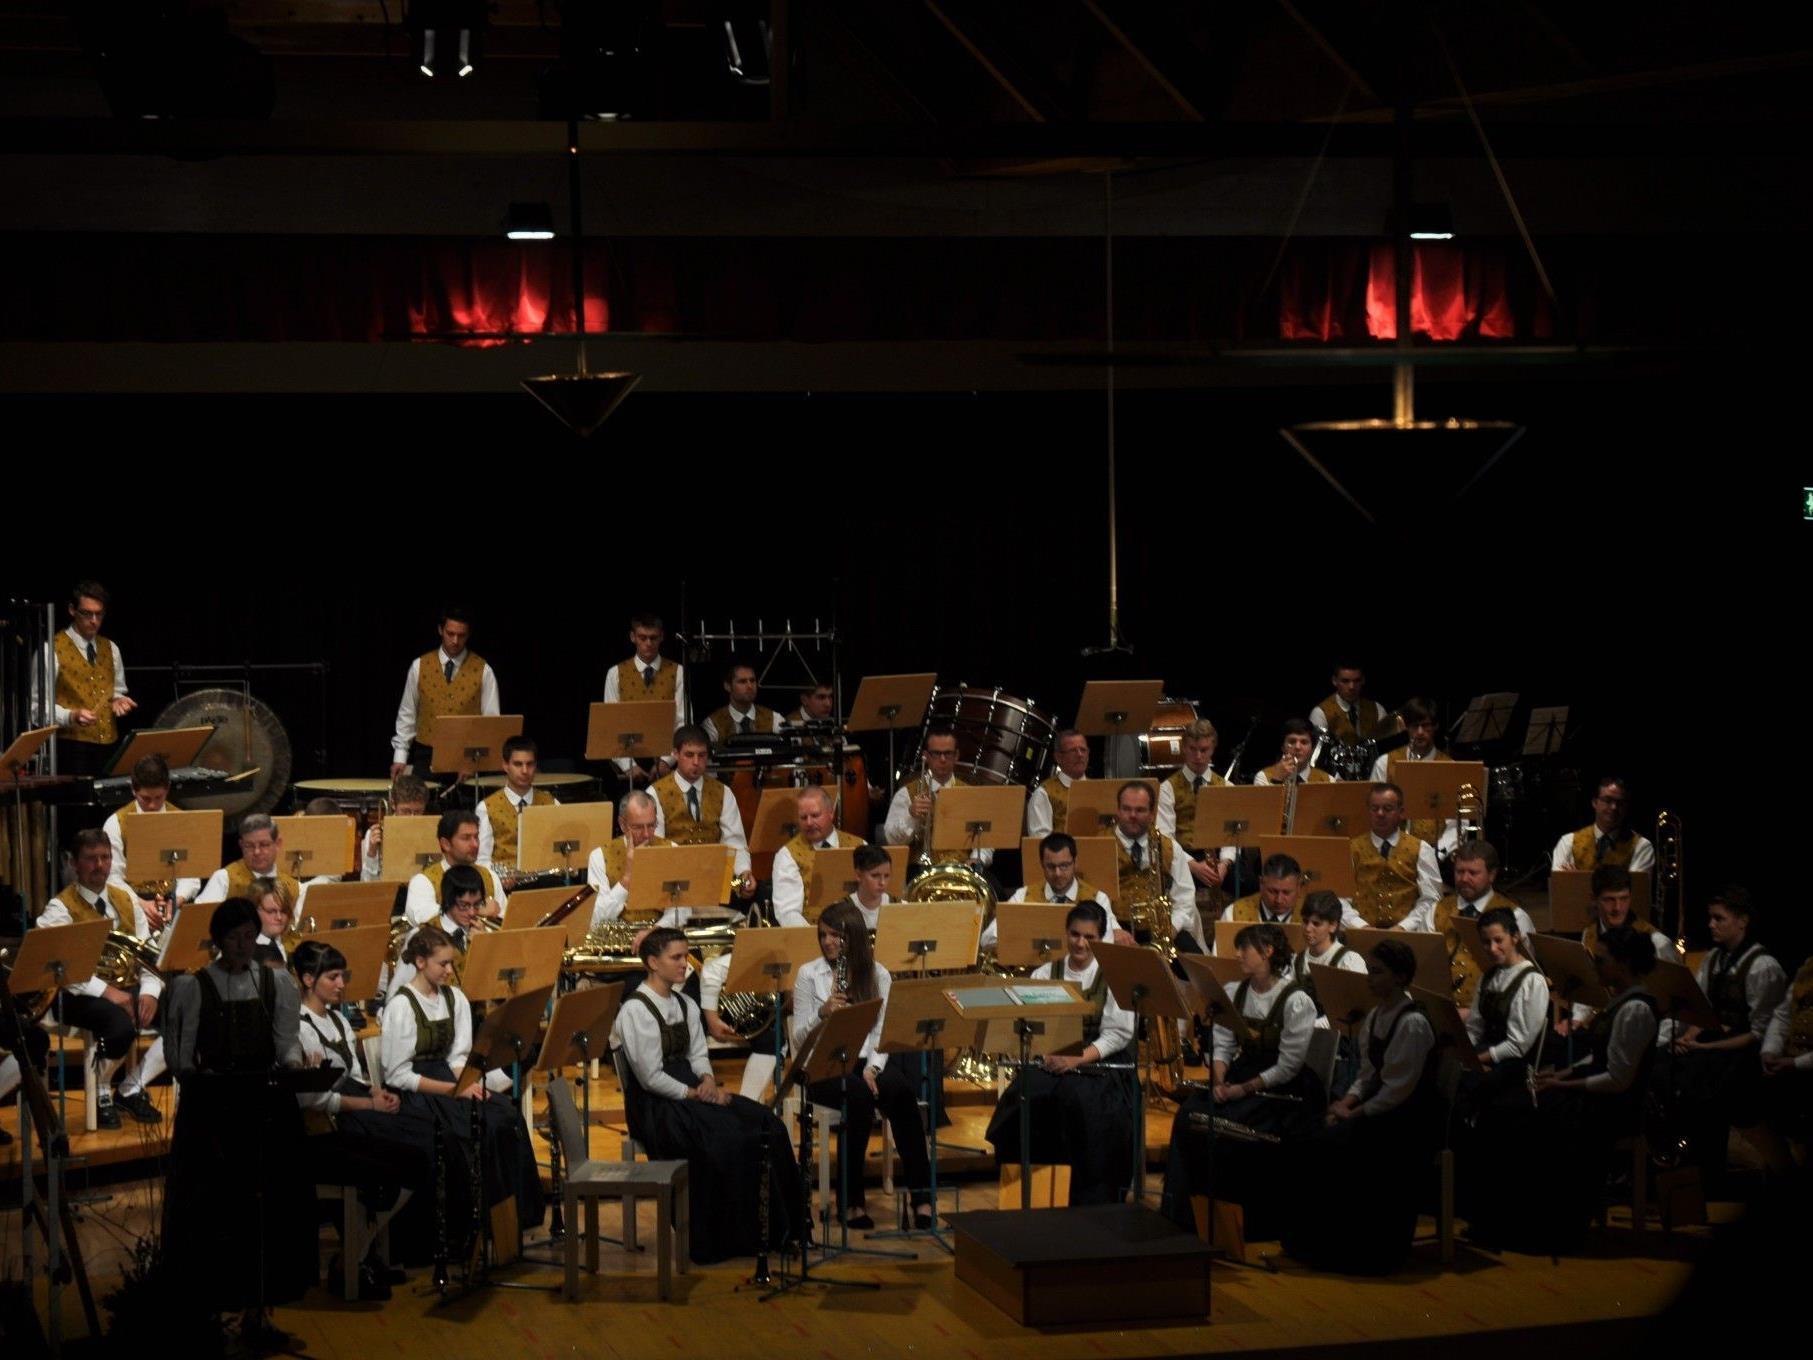 Die Bürgermusik Klaus lädt zum traditionellen Herbstkonzert in den Winzersaal.